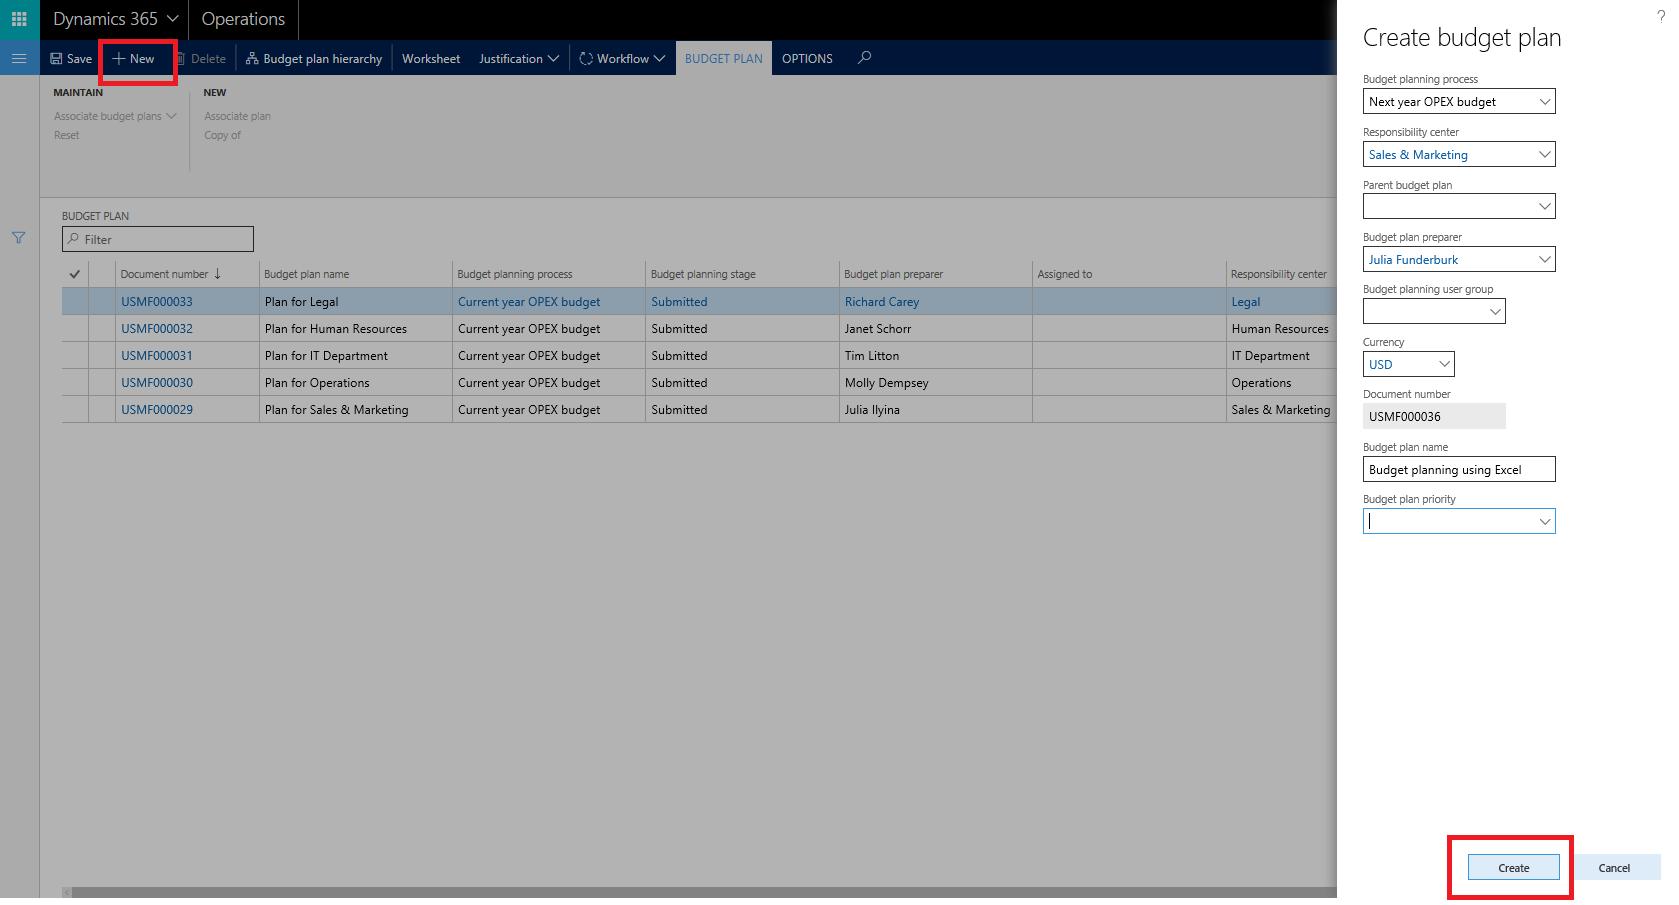 šablony Plánování Rozpočtu Pro Excel Finance Operations